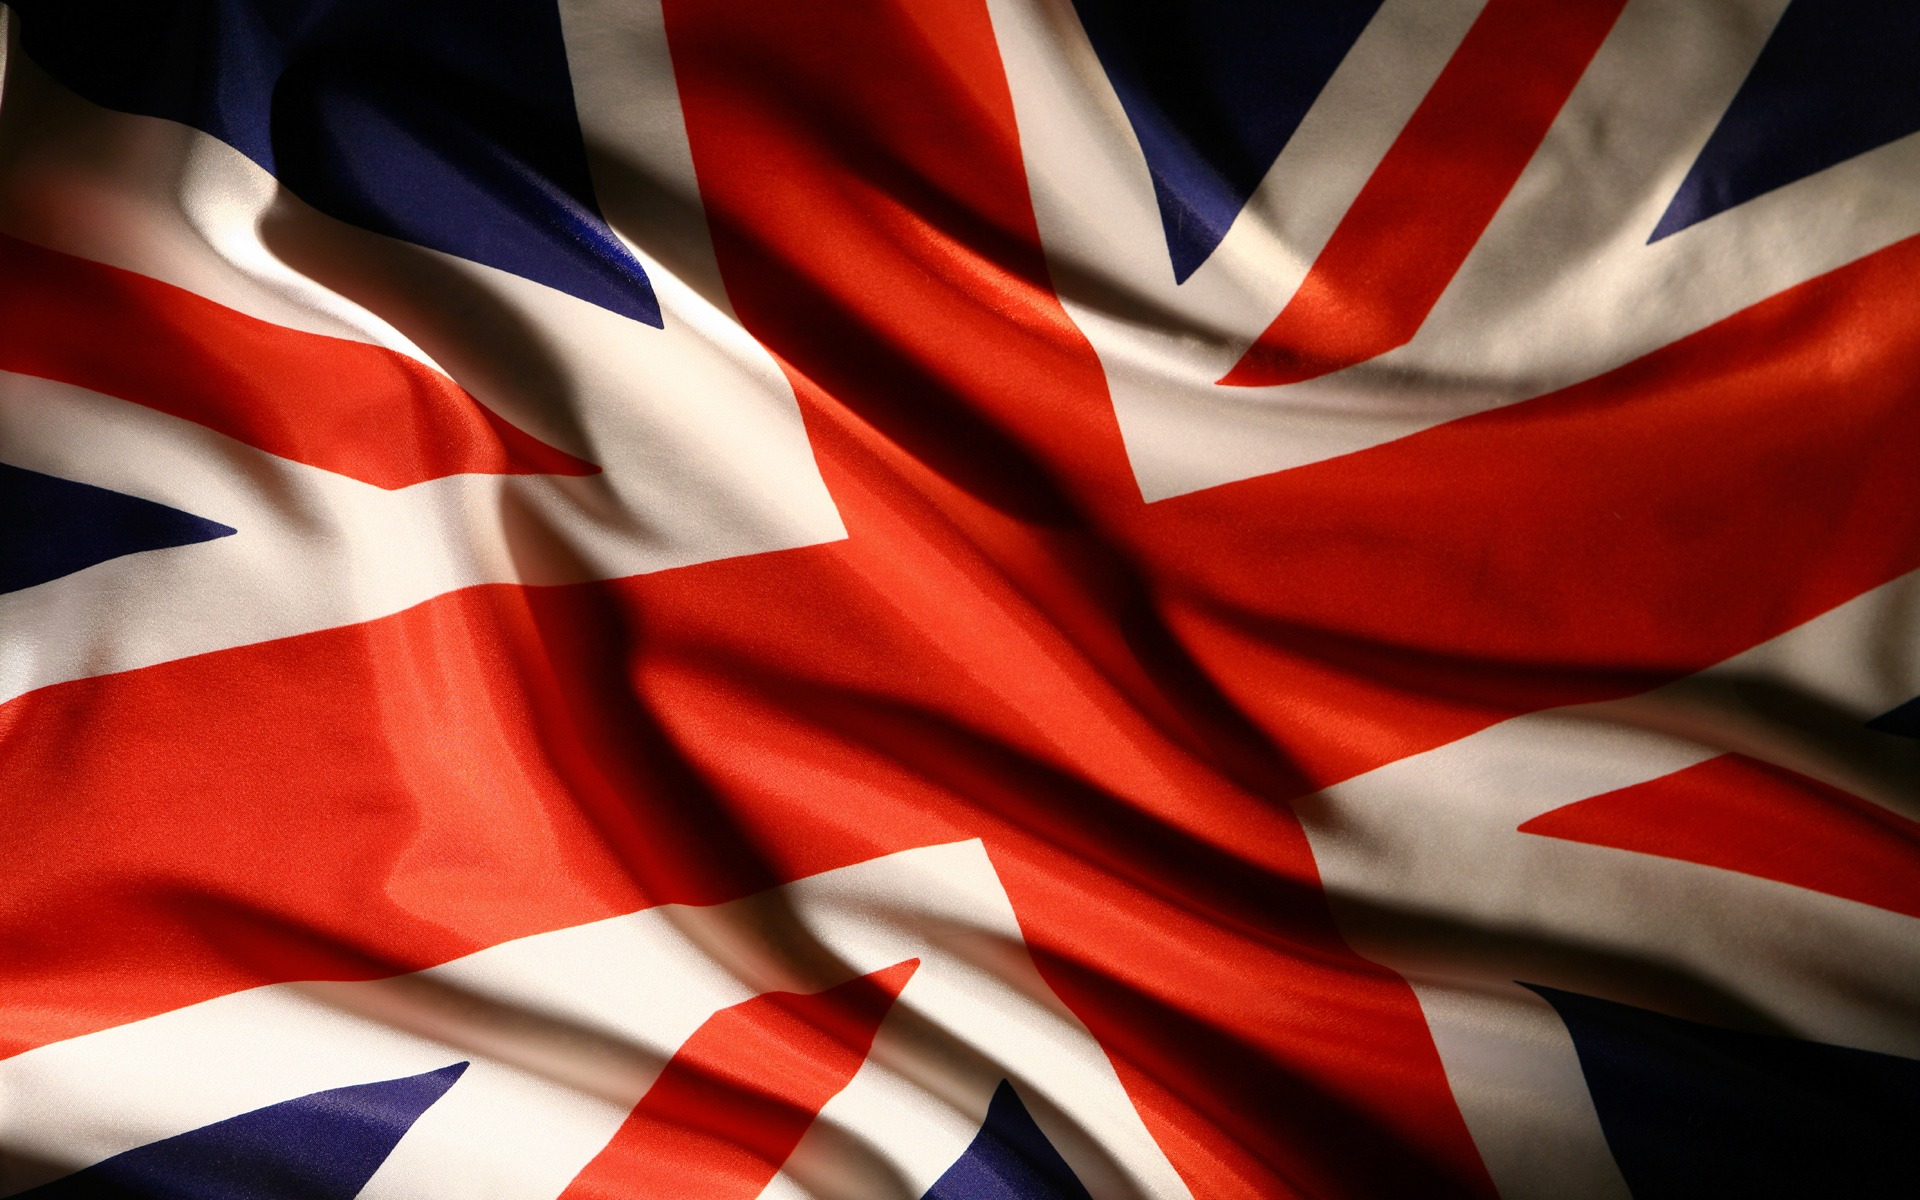 Velika Britanija traži hiljade zanatlija